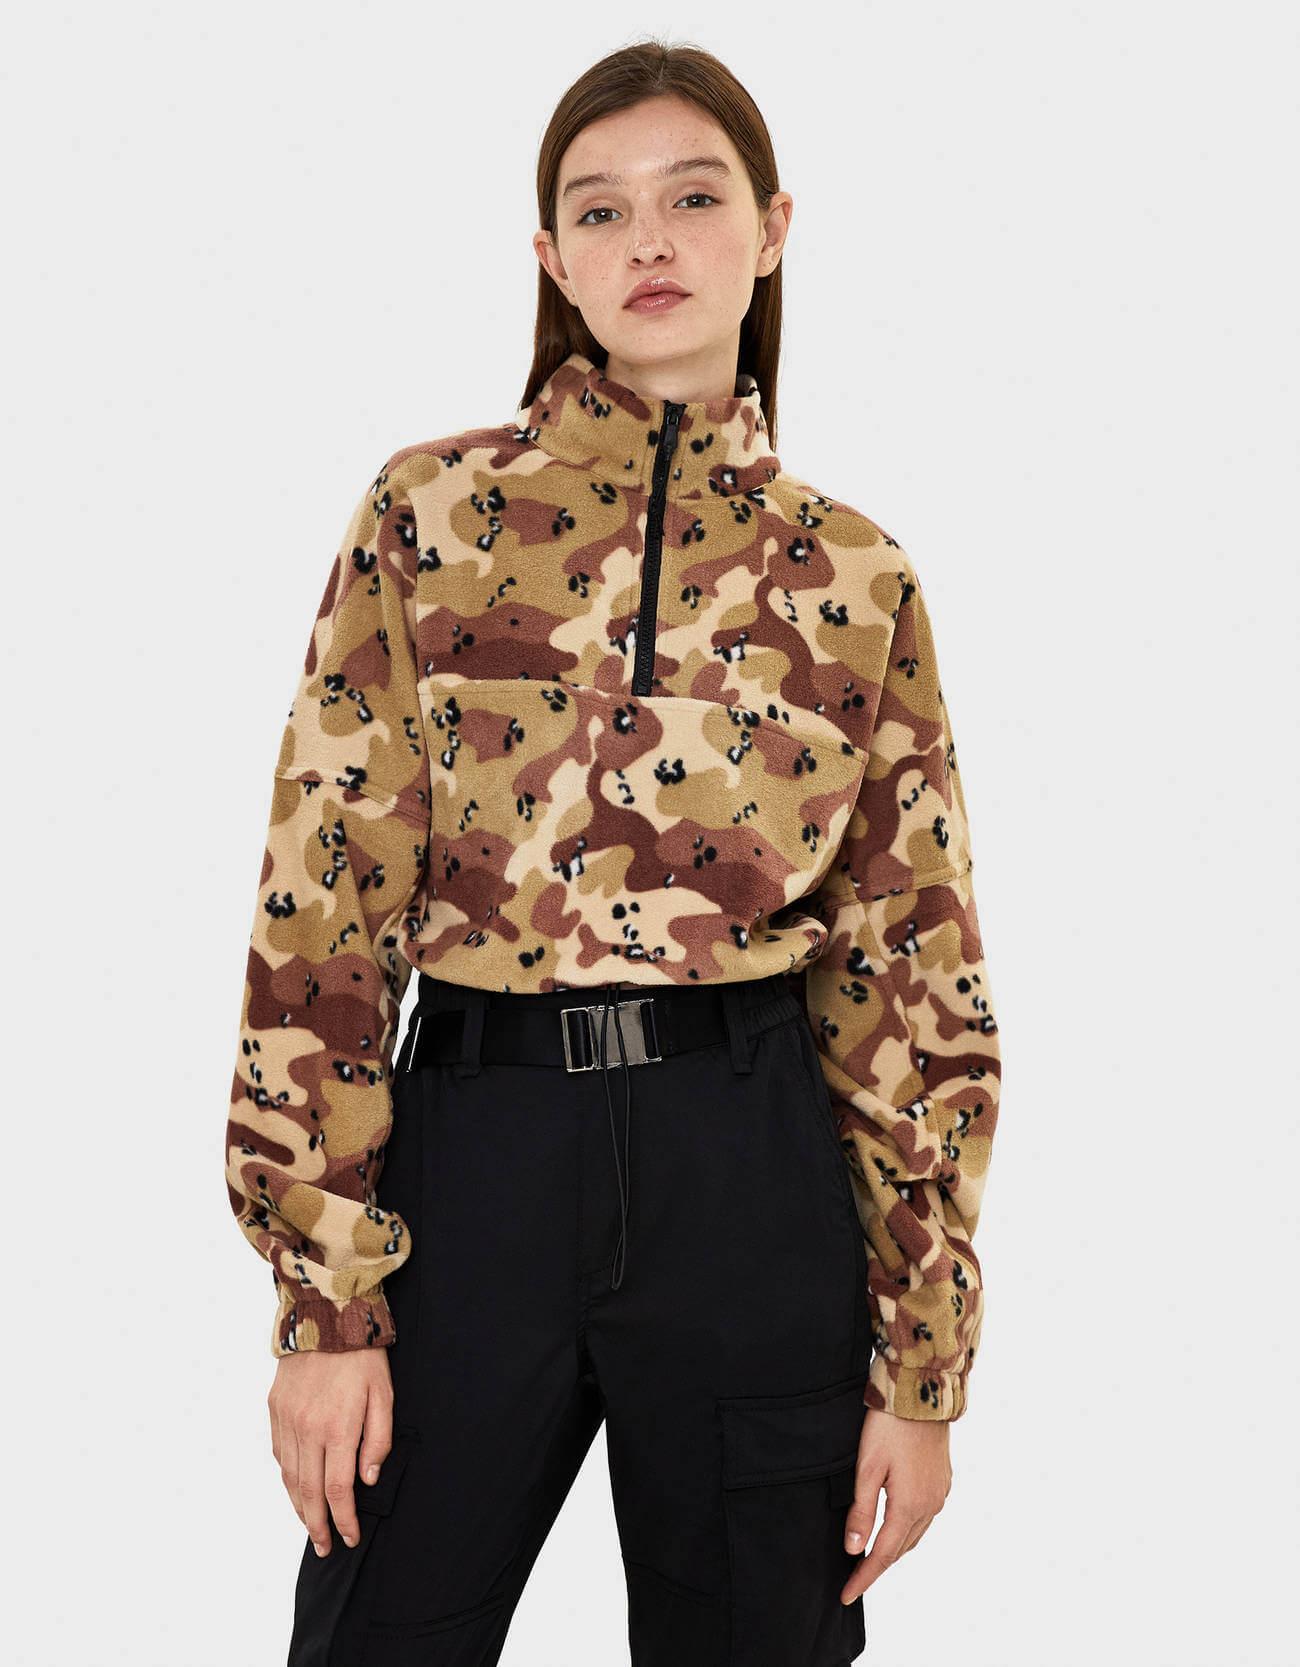 Bershka Kadın Sweatshirt